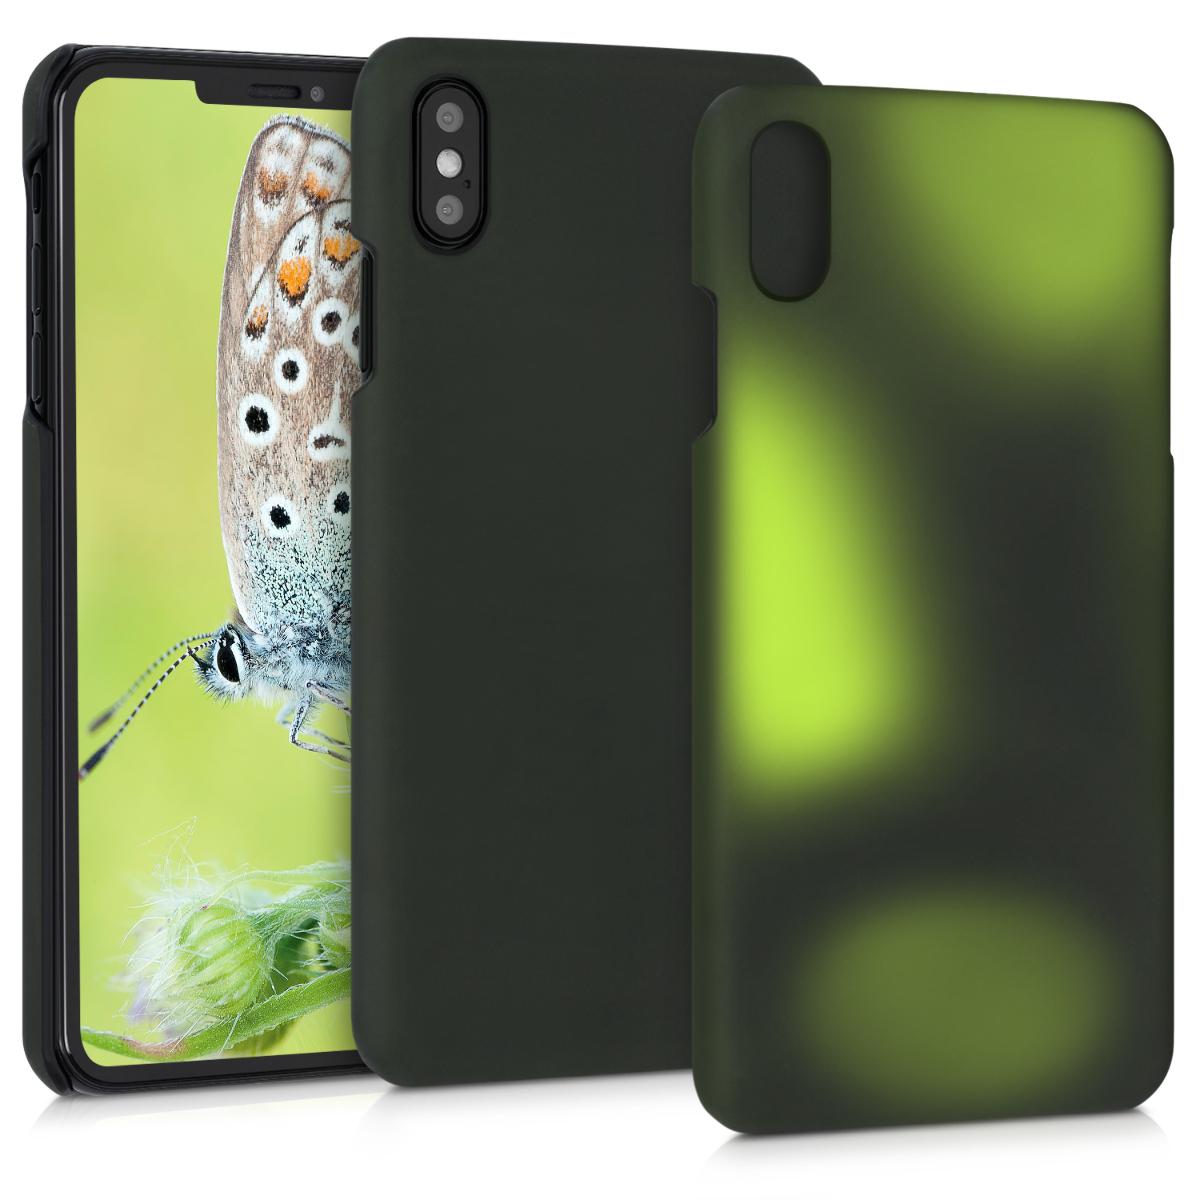 Kvalitní plastové pouzdro pro Apple iPhone XS Max - Black | Green